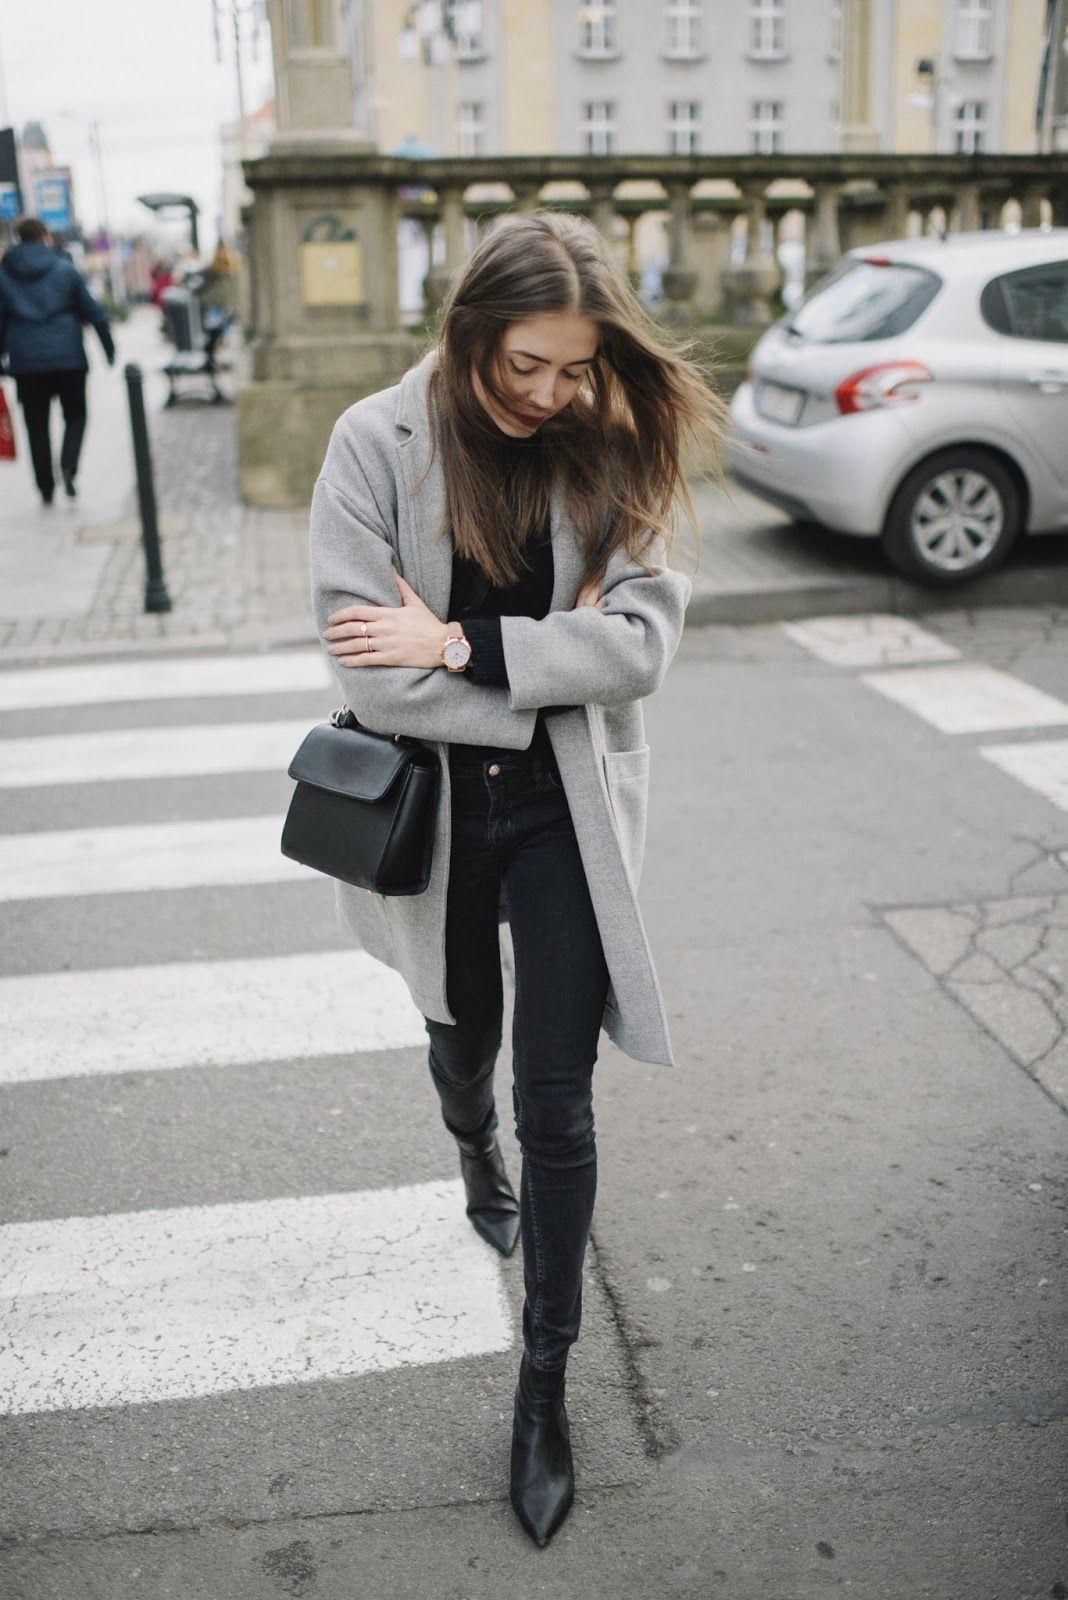 f02aacfd96182 Szary płaszcz na jesień i zimę. Jak nosić szarości jesienią i zimą? Czarny  zestaw w połączeniu z szarym płaszczem/marynarką.